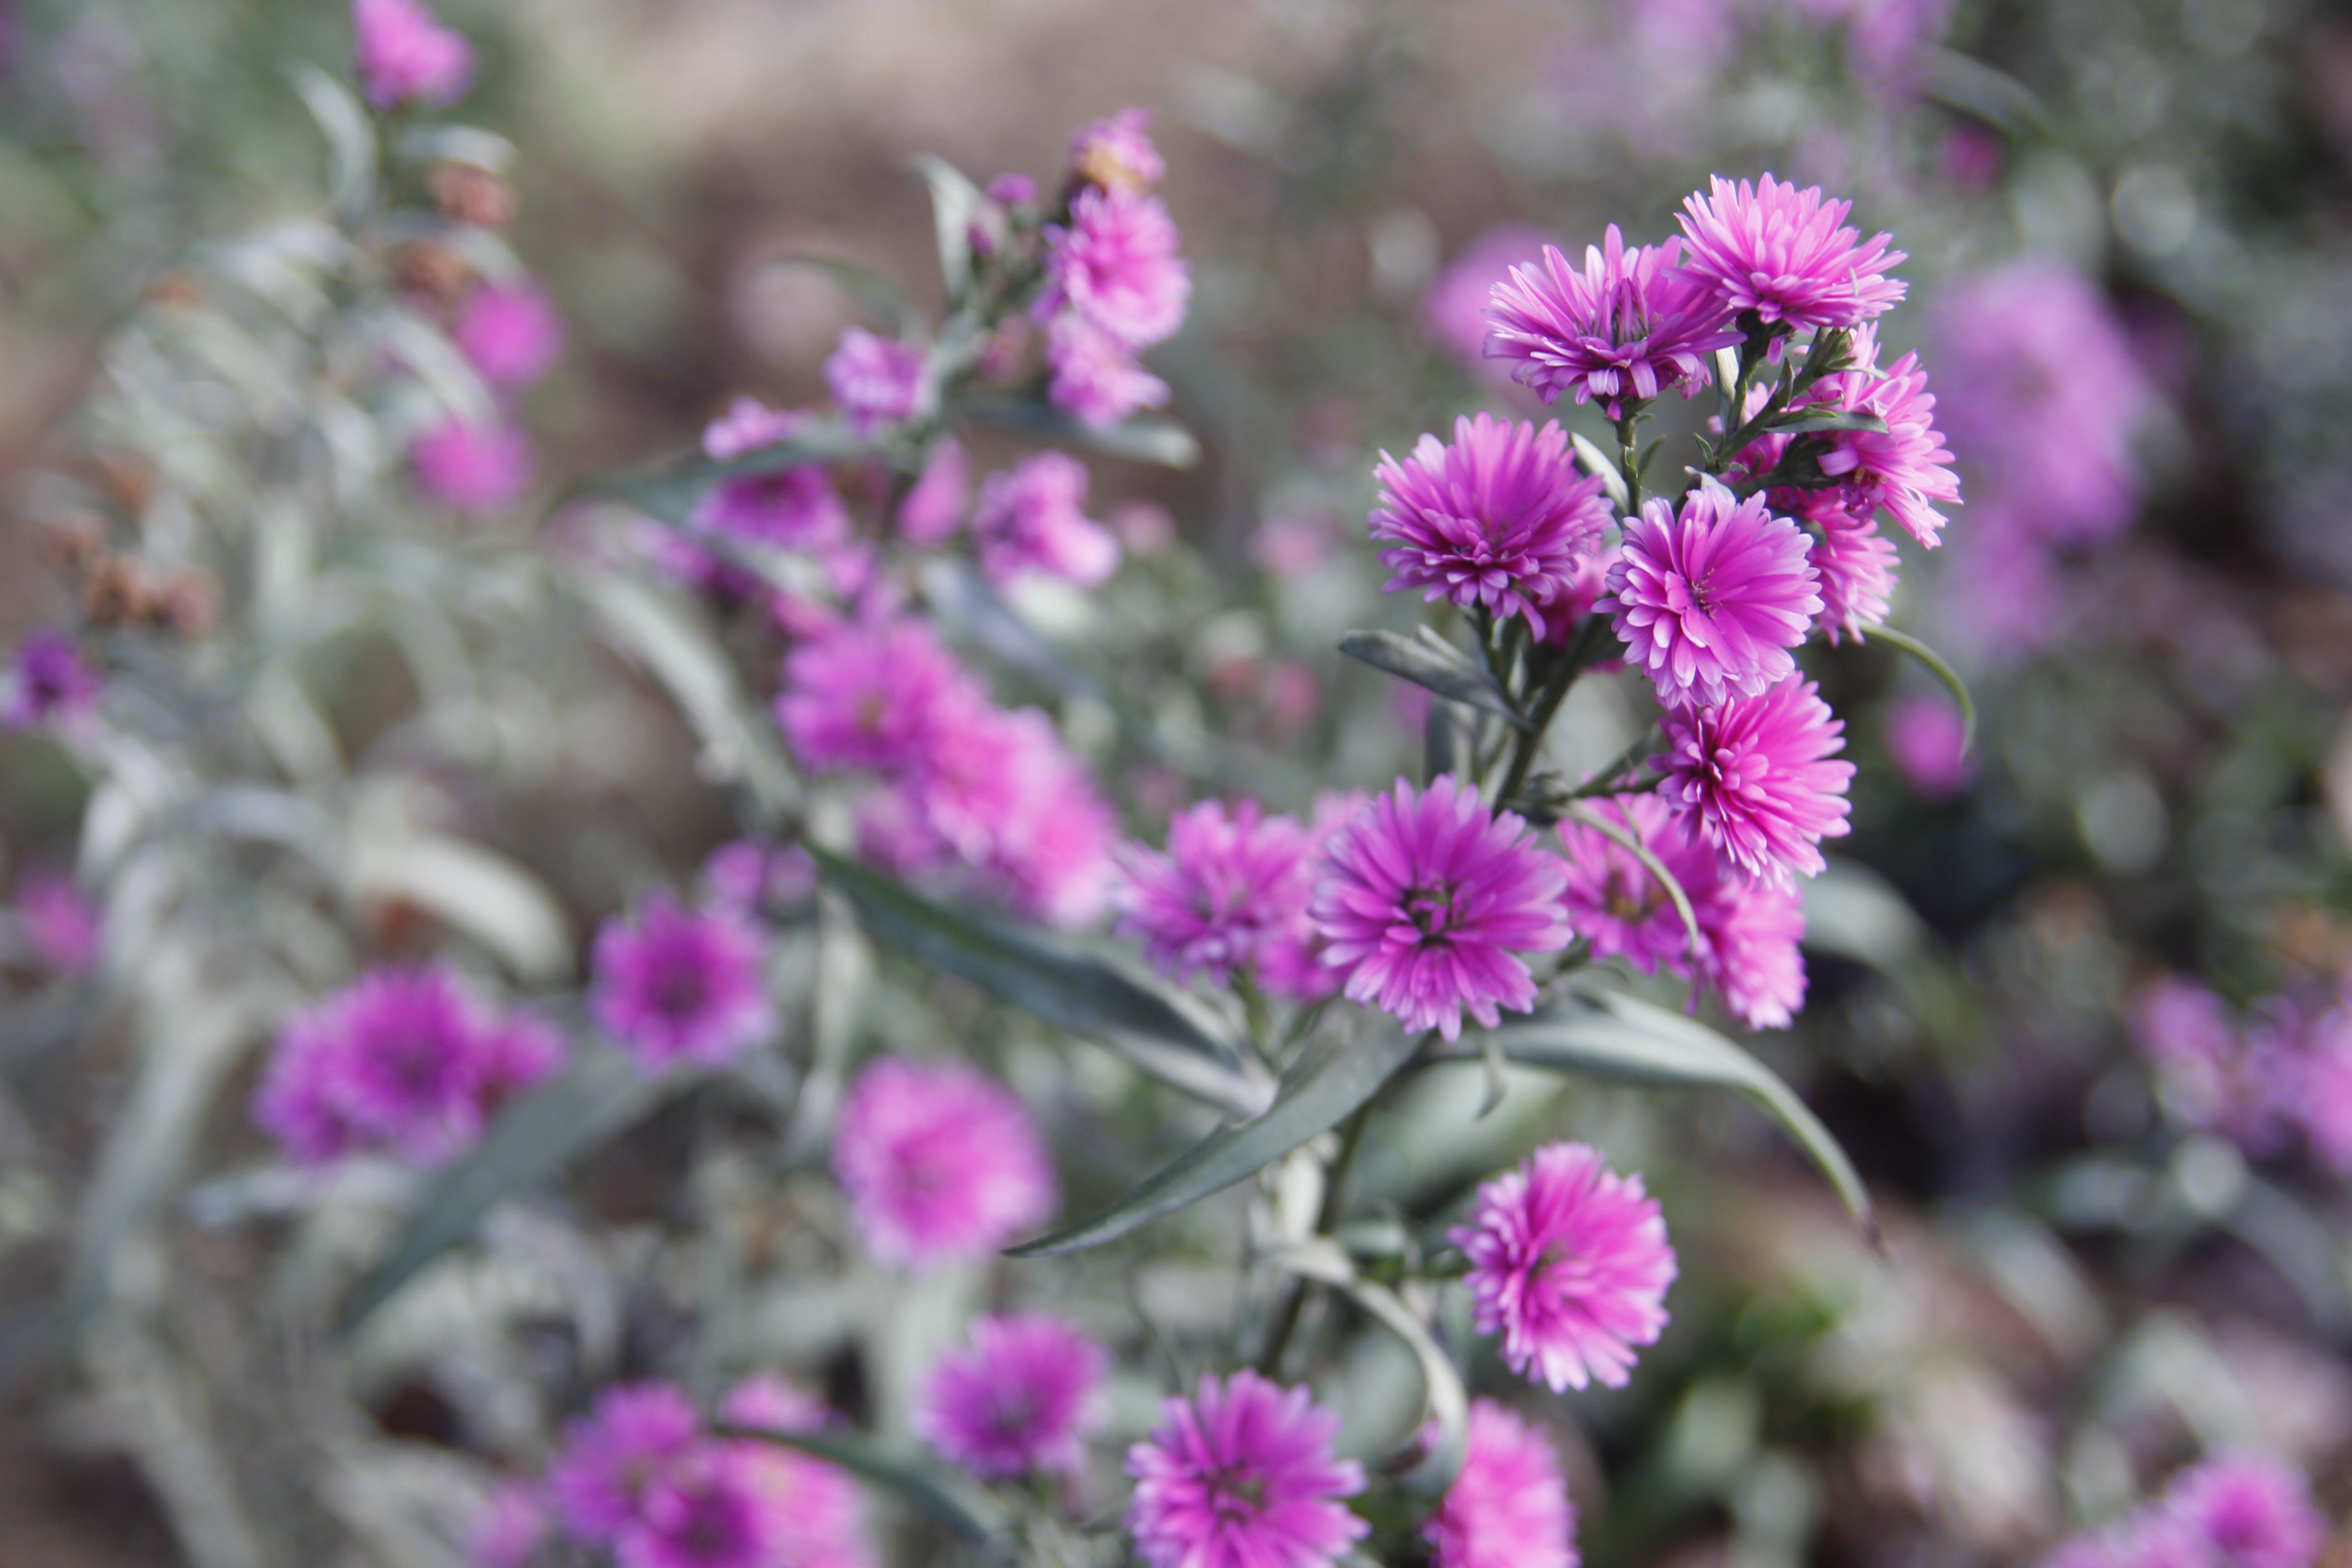 blomster, blomstermotiv, blomstrende